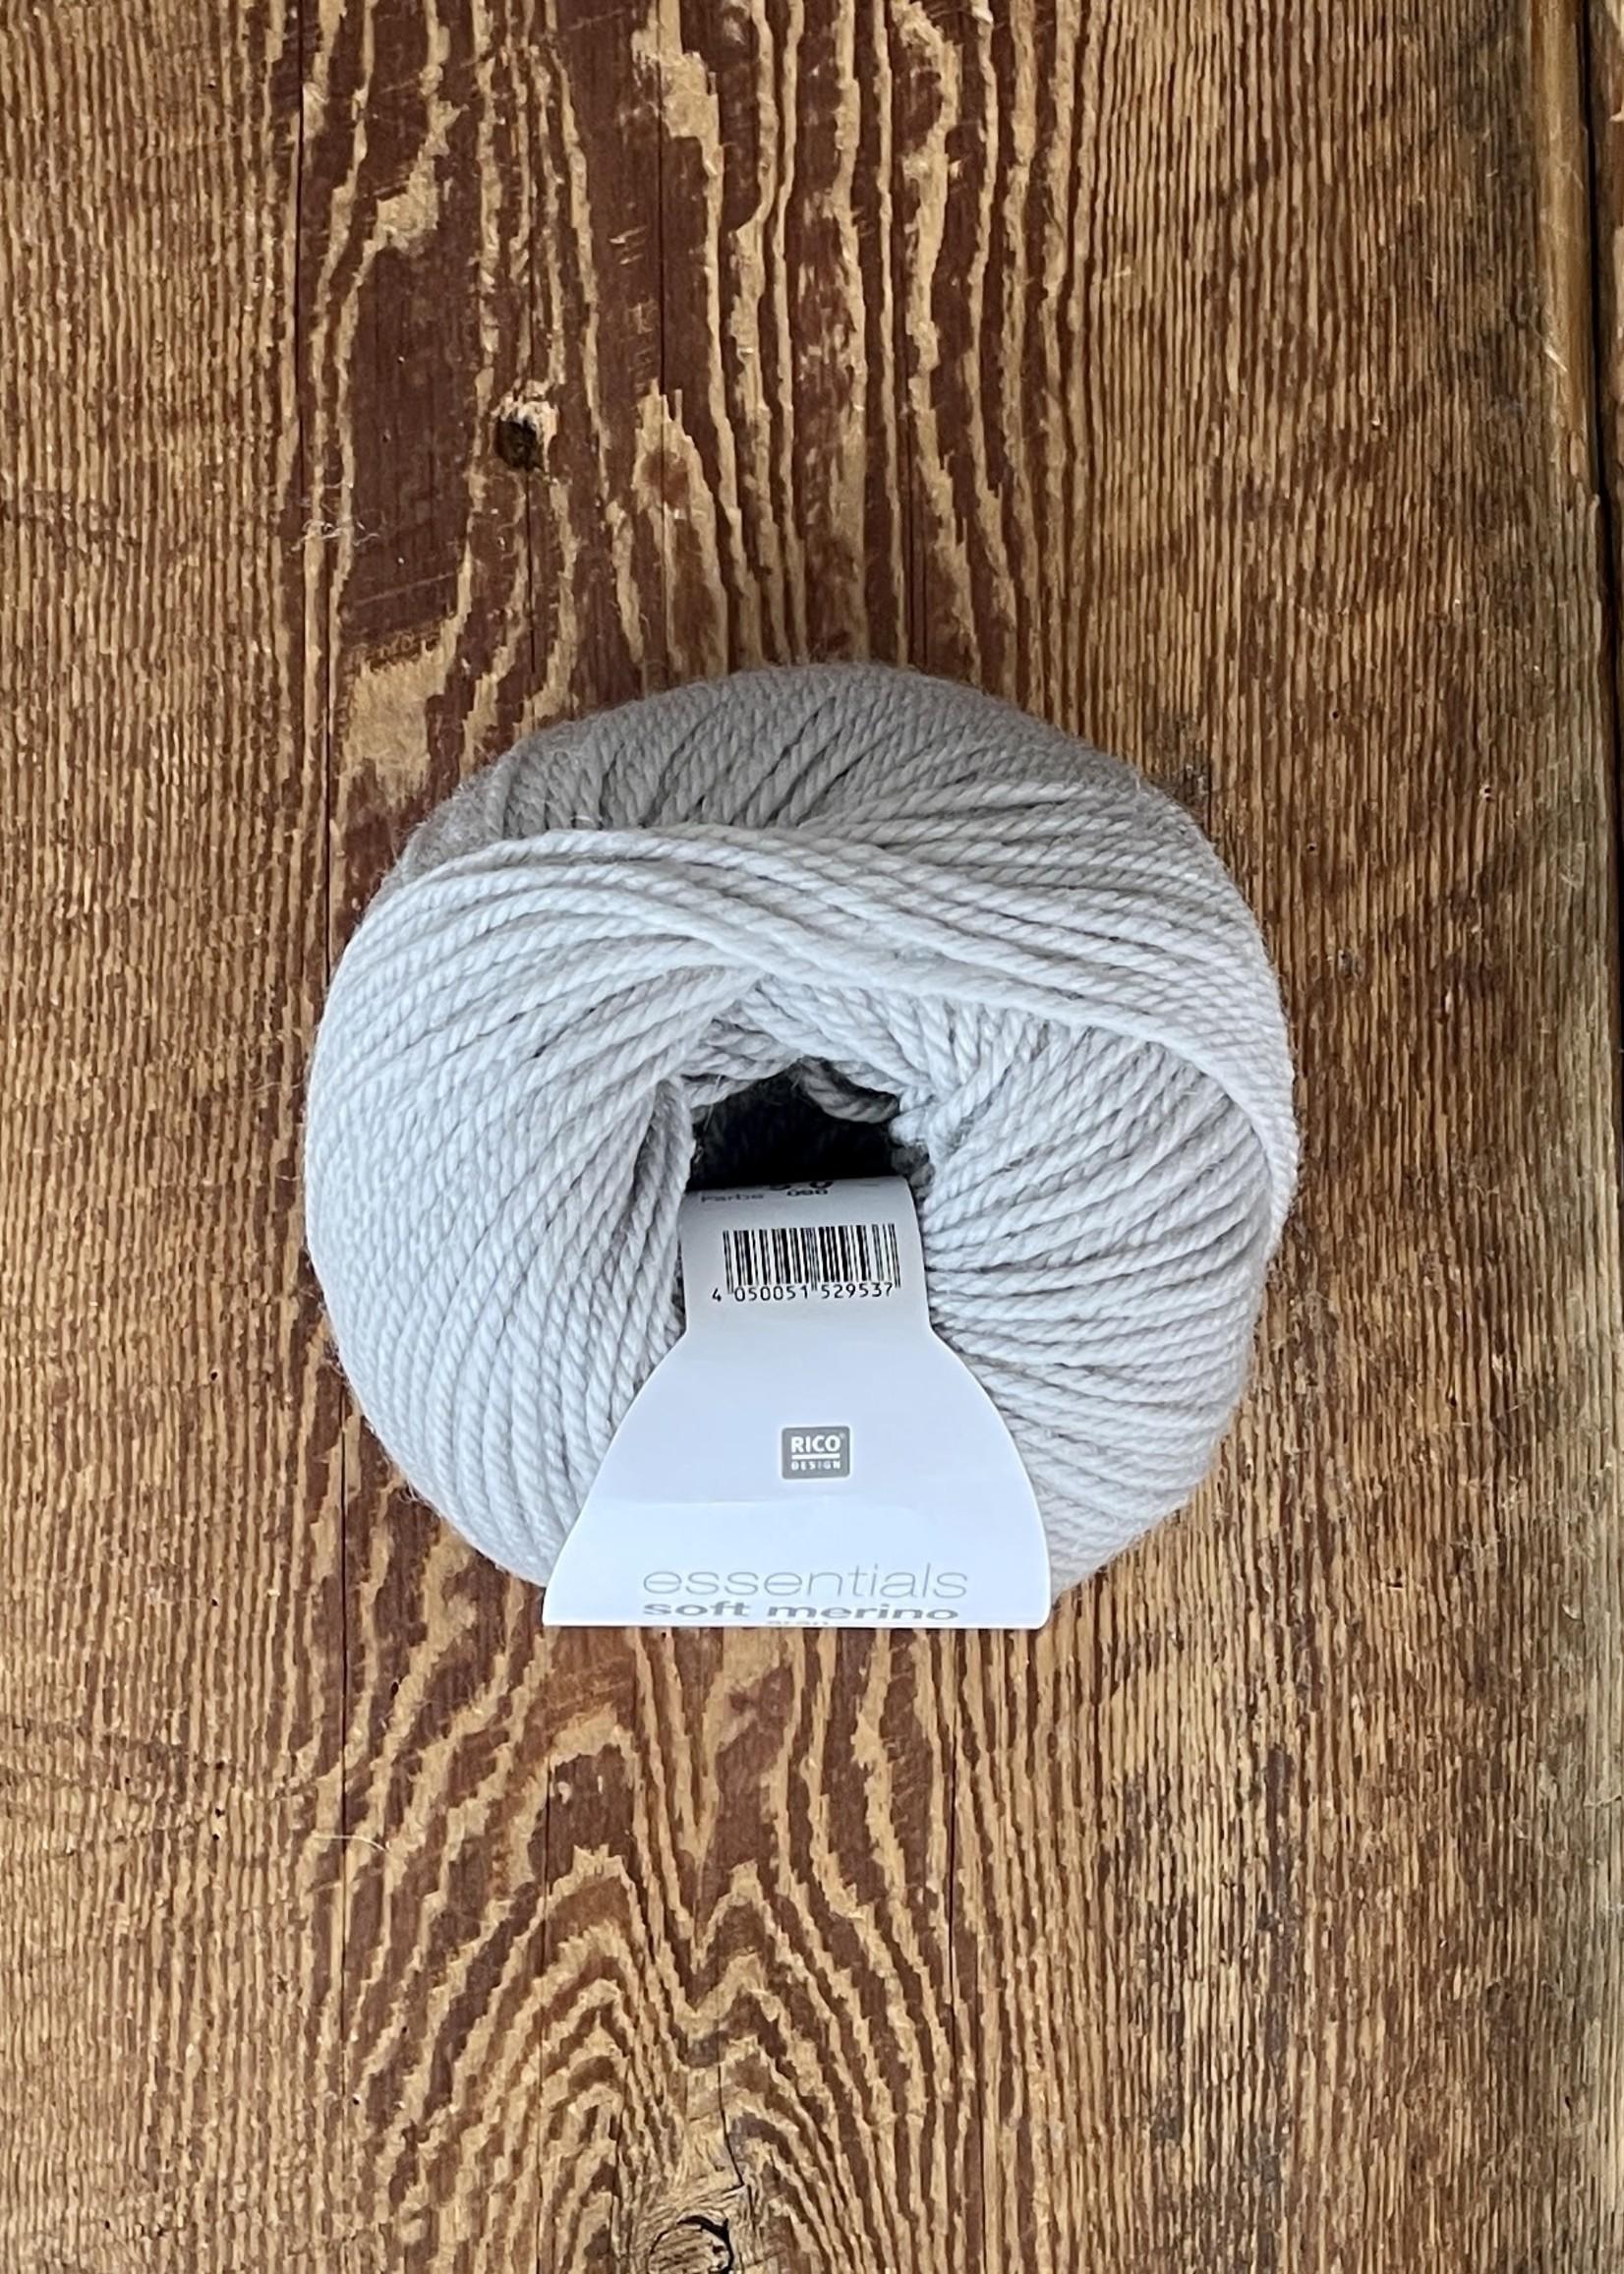 Essentials Soft Merino Aran